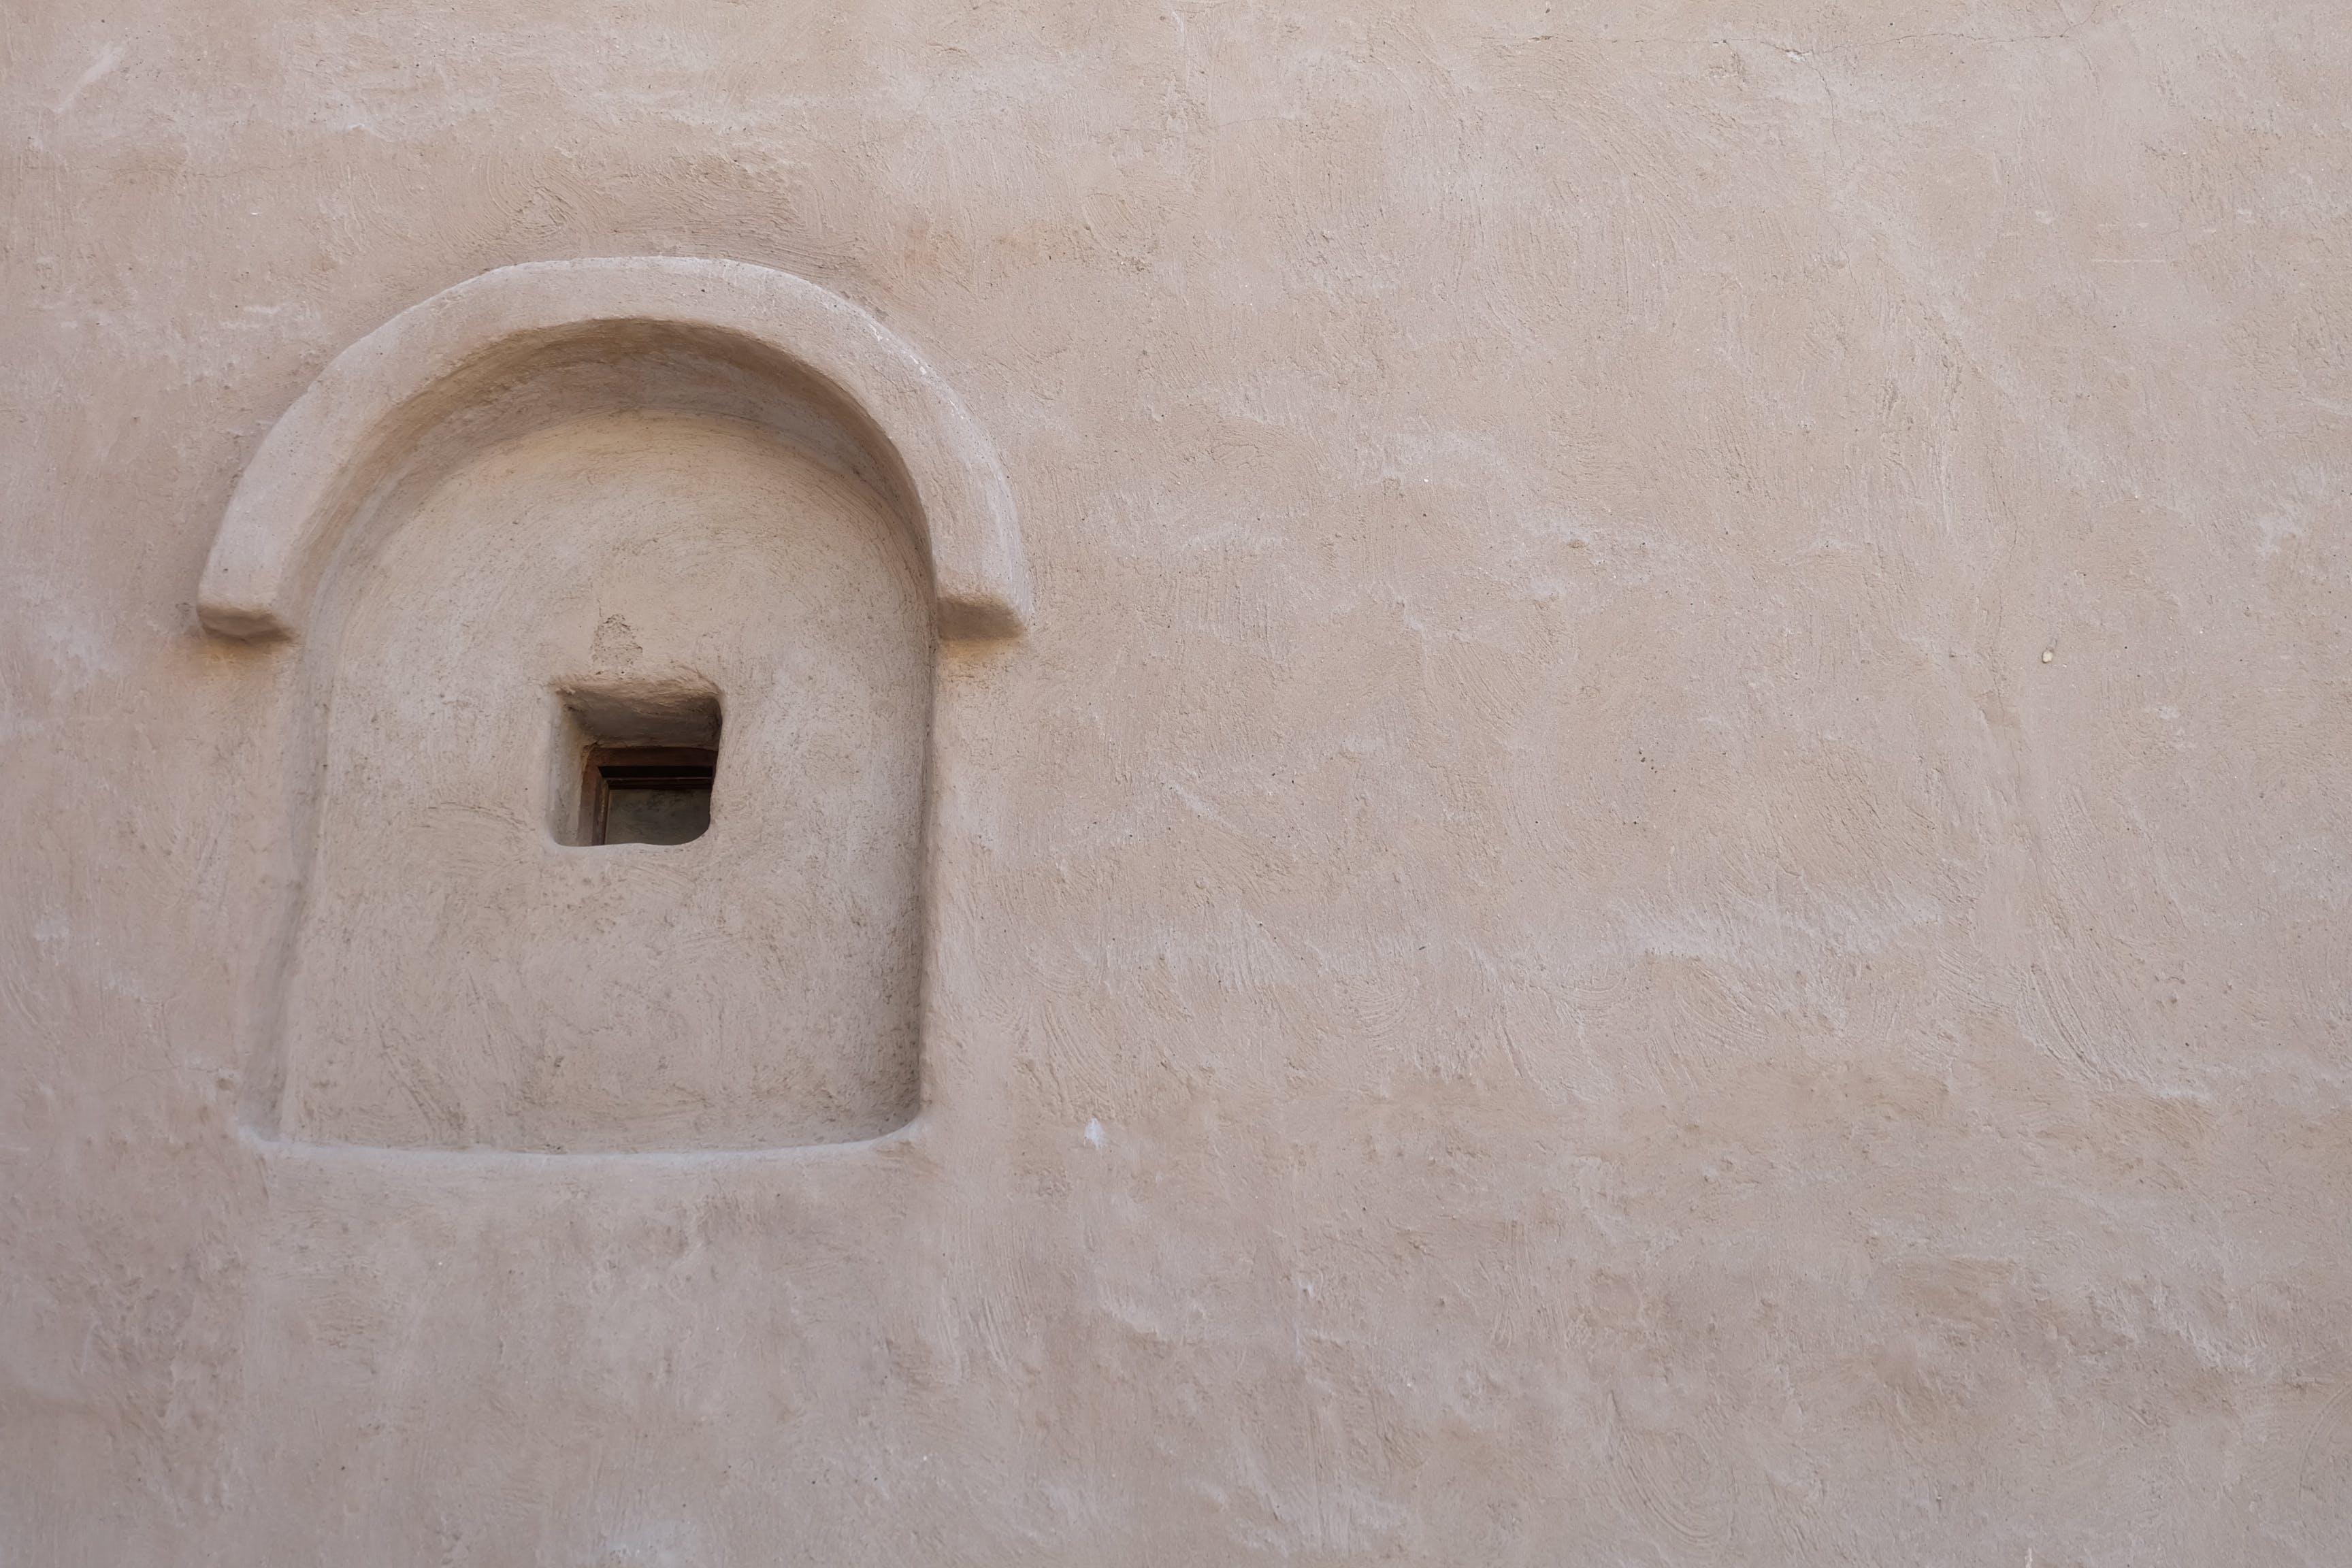 außen, beton, bogenfenster